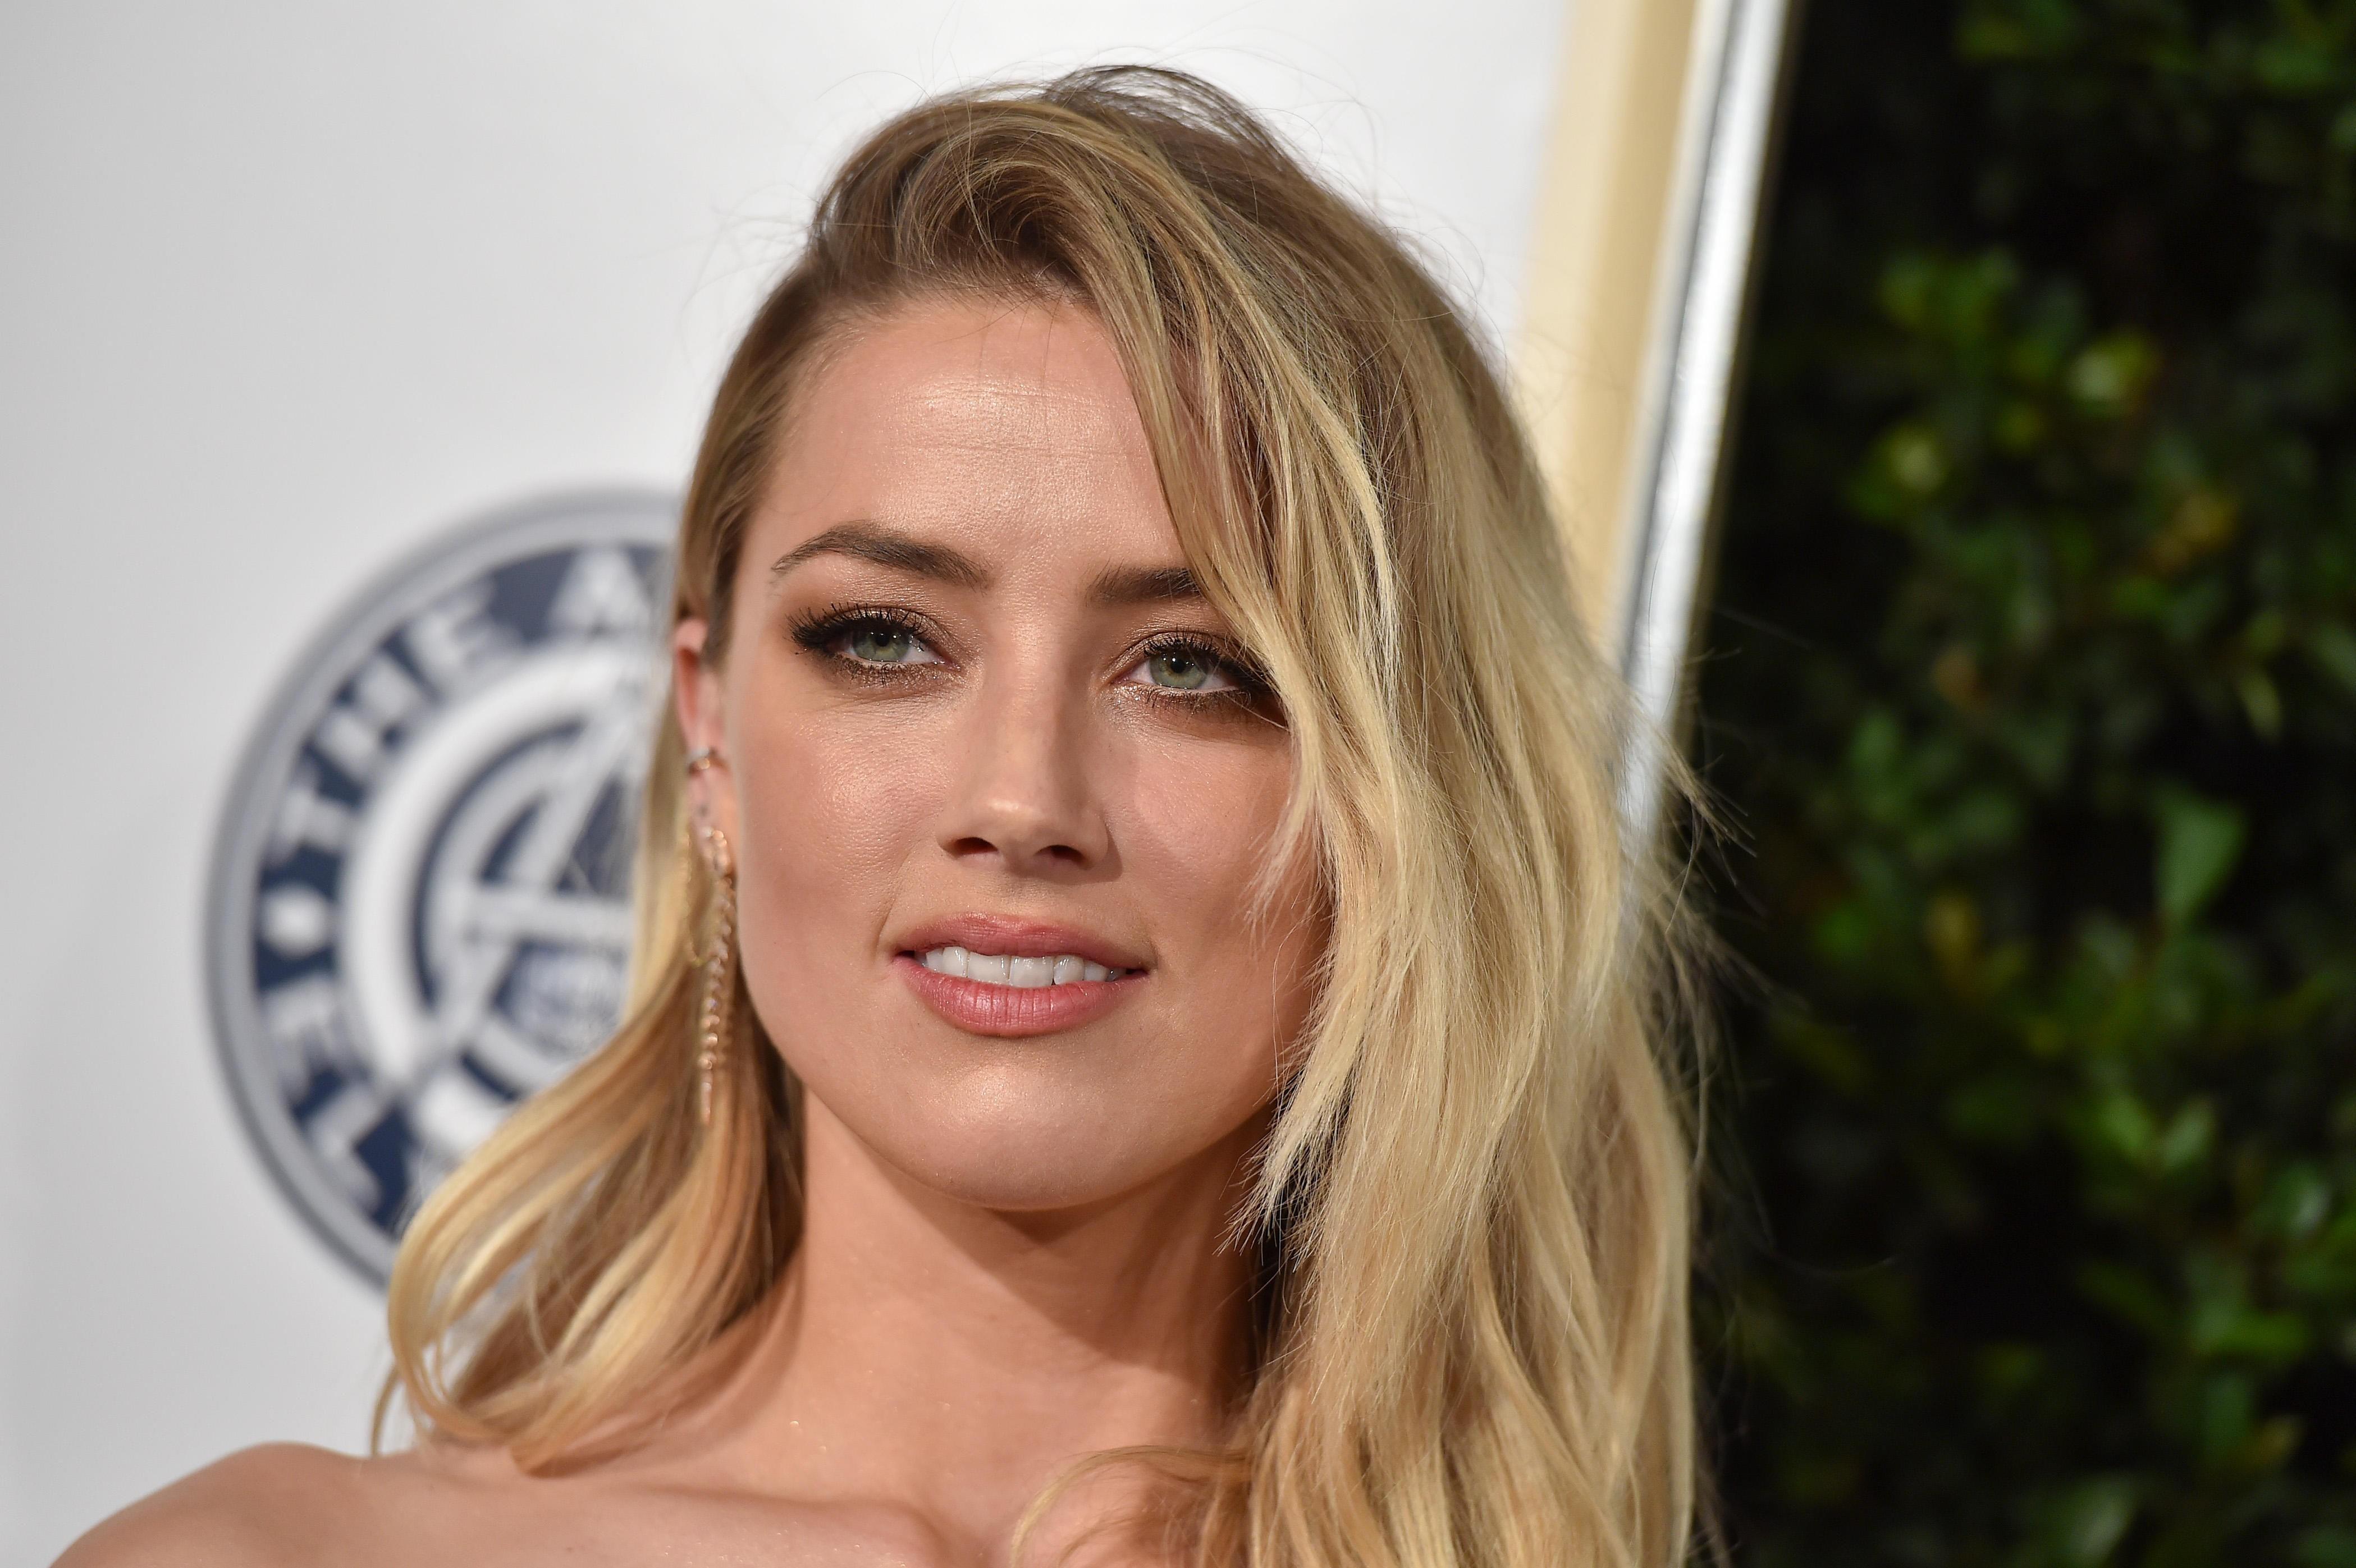 SEXY ROLLE: Amber Heard spiller fristerinne i den nye filmen «London Fields» som kommer på kino senere i år.